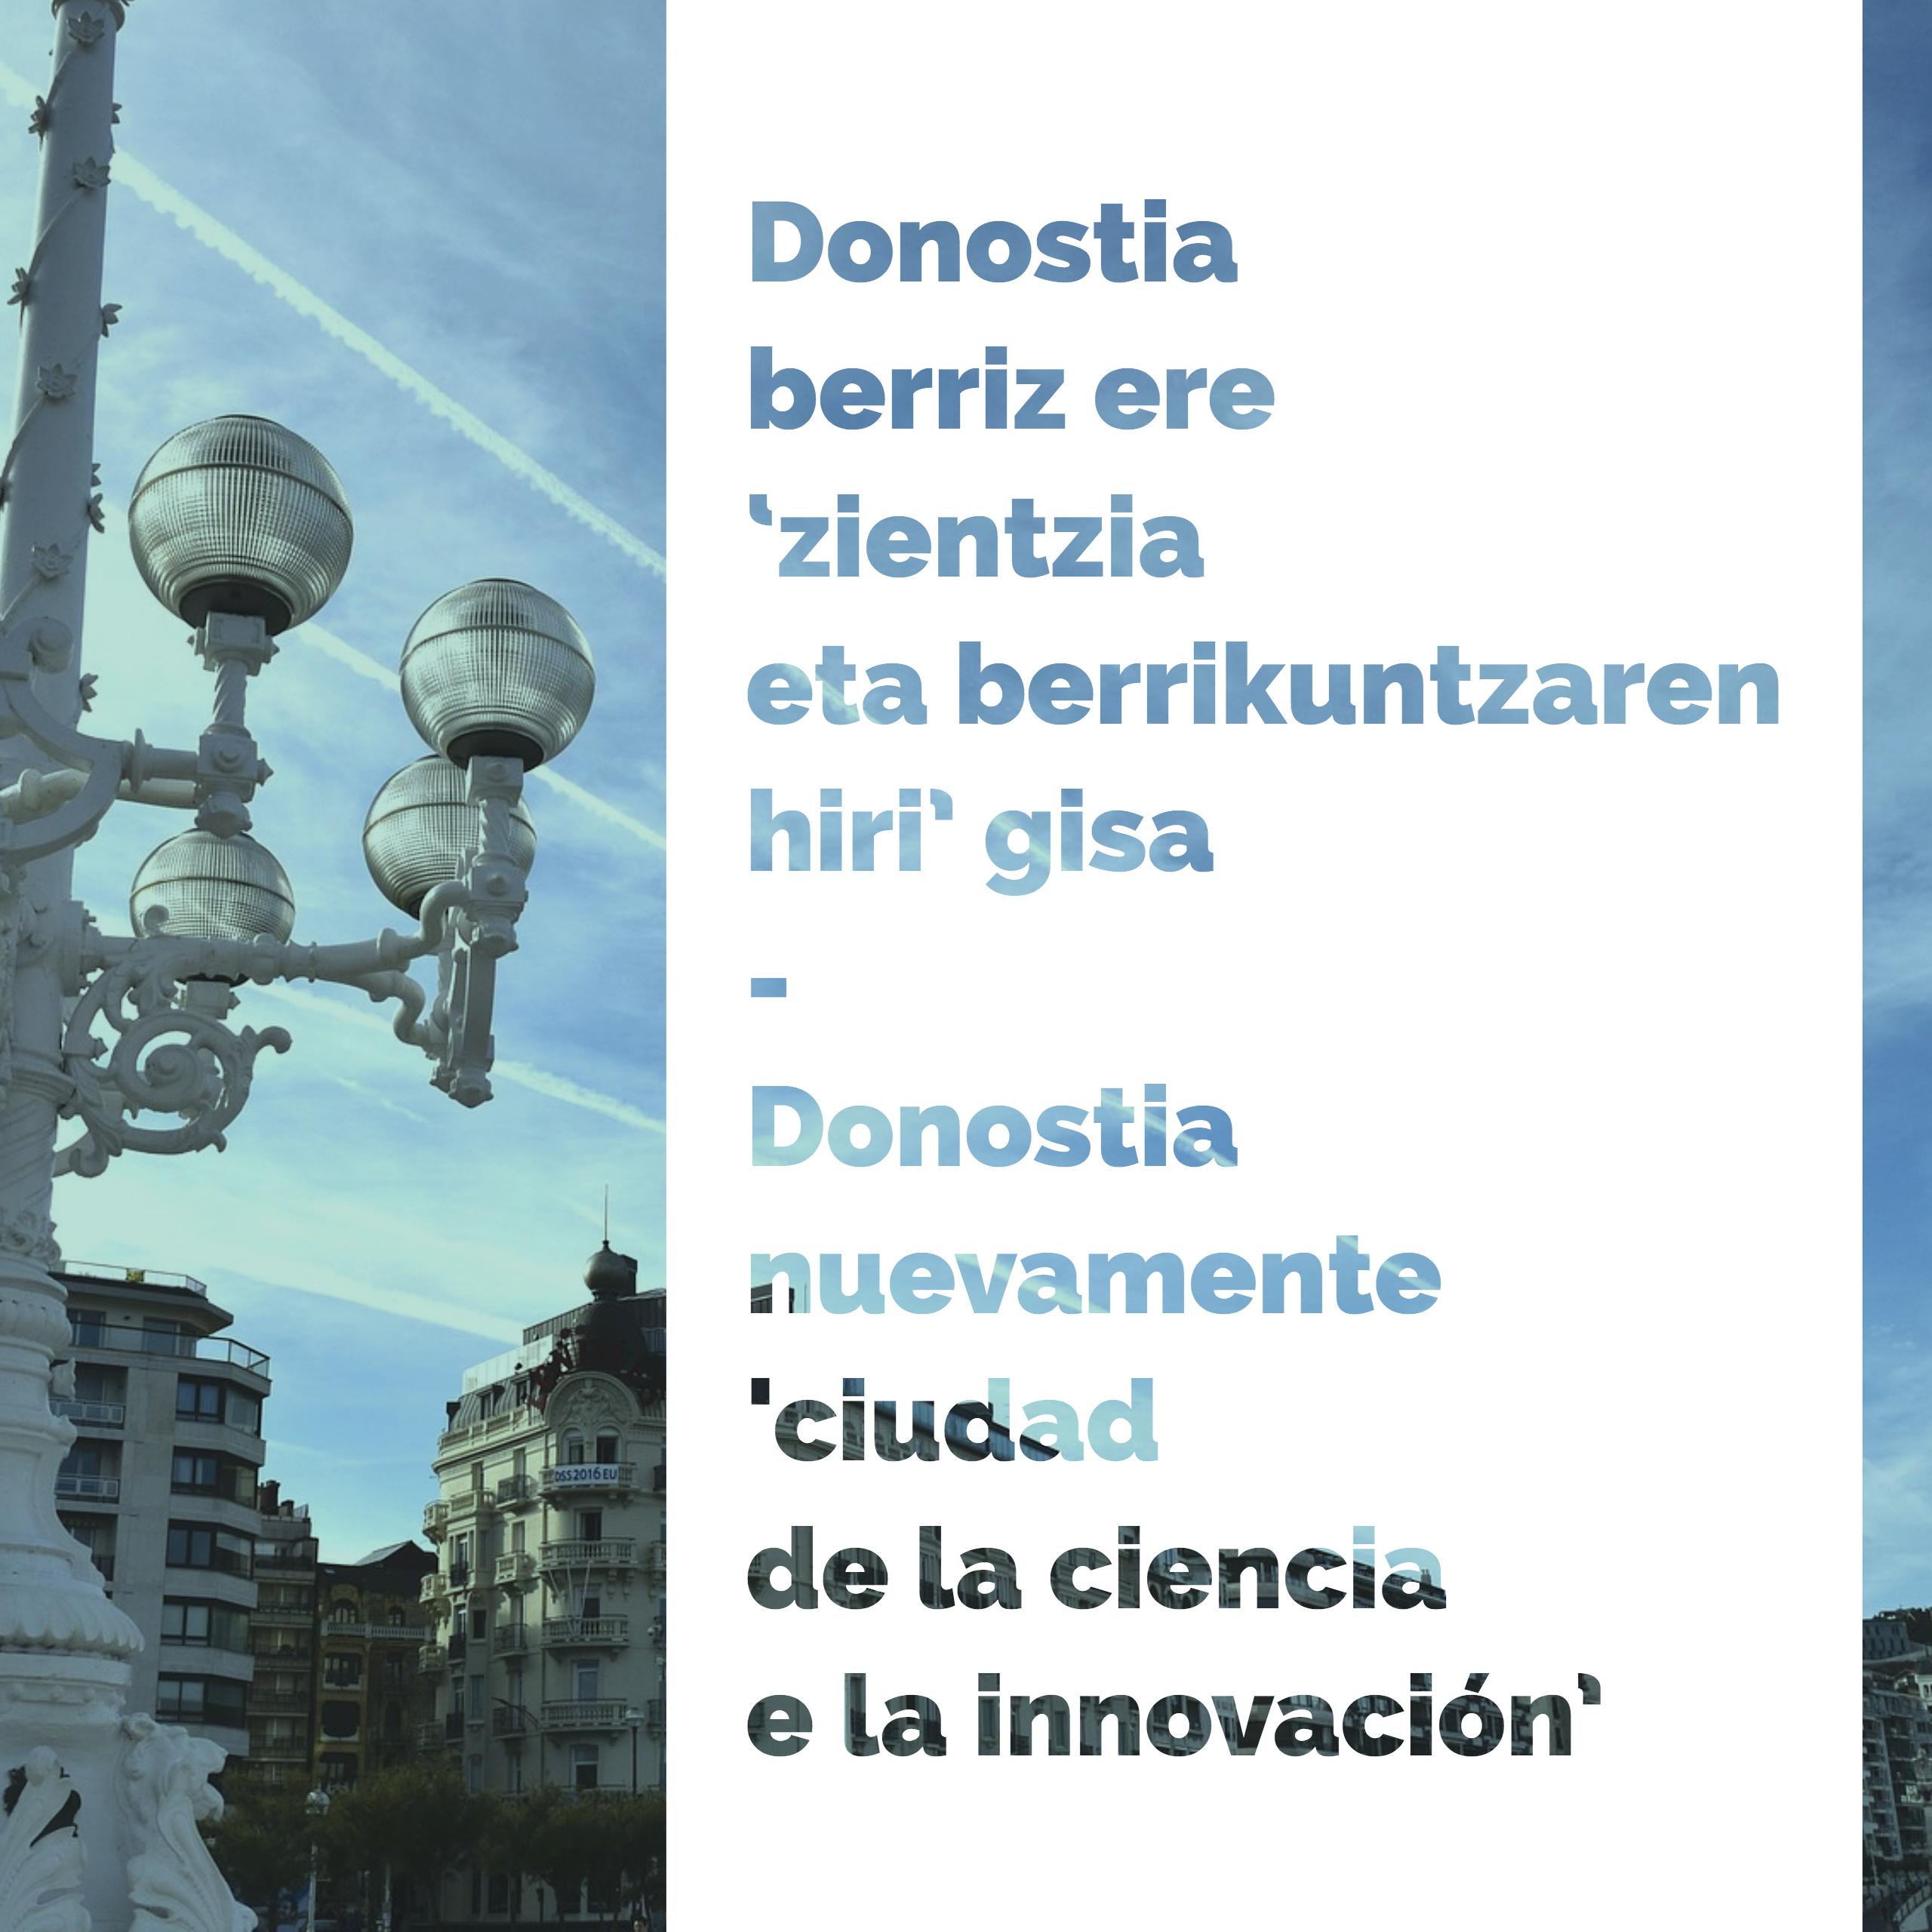 Donostia / San Sebastián berriz ere zientzia eta berrikuntzaren hiri gisa